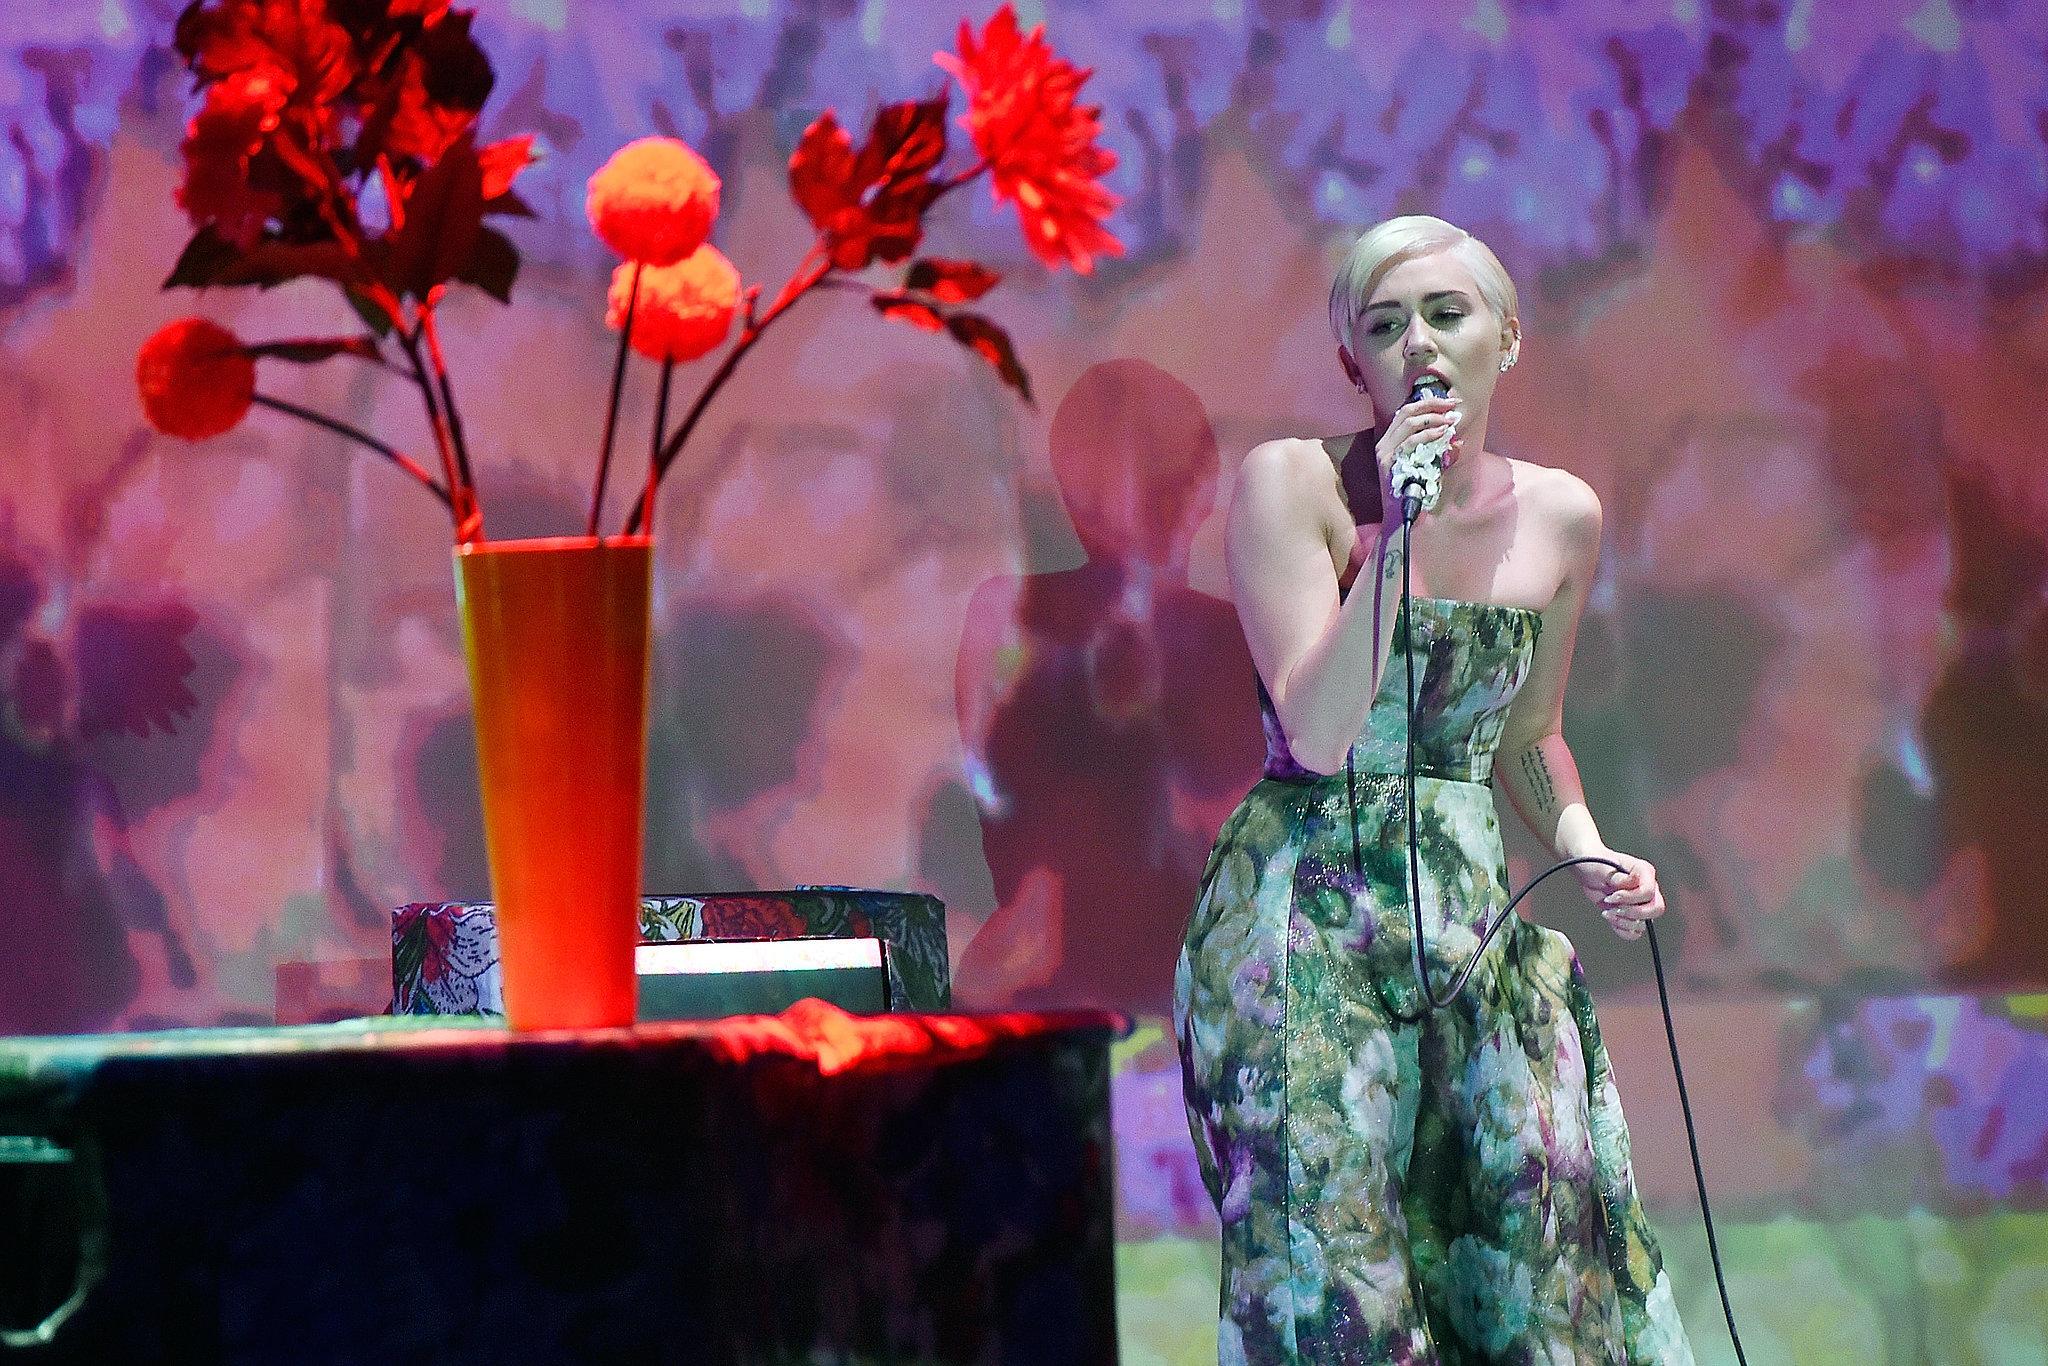 Did Miley Cyrus Just Outshine Mariah Carey?